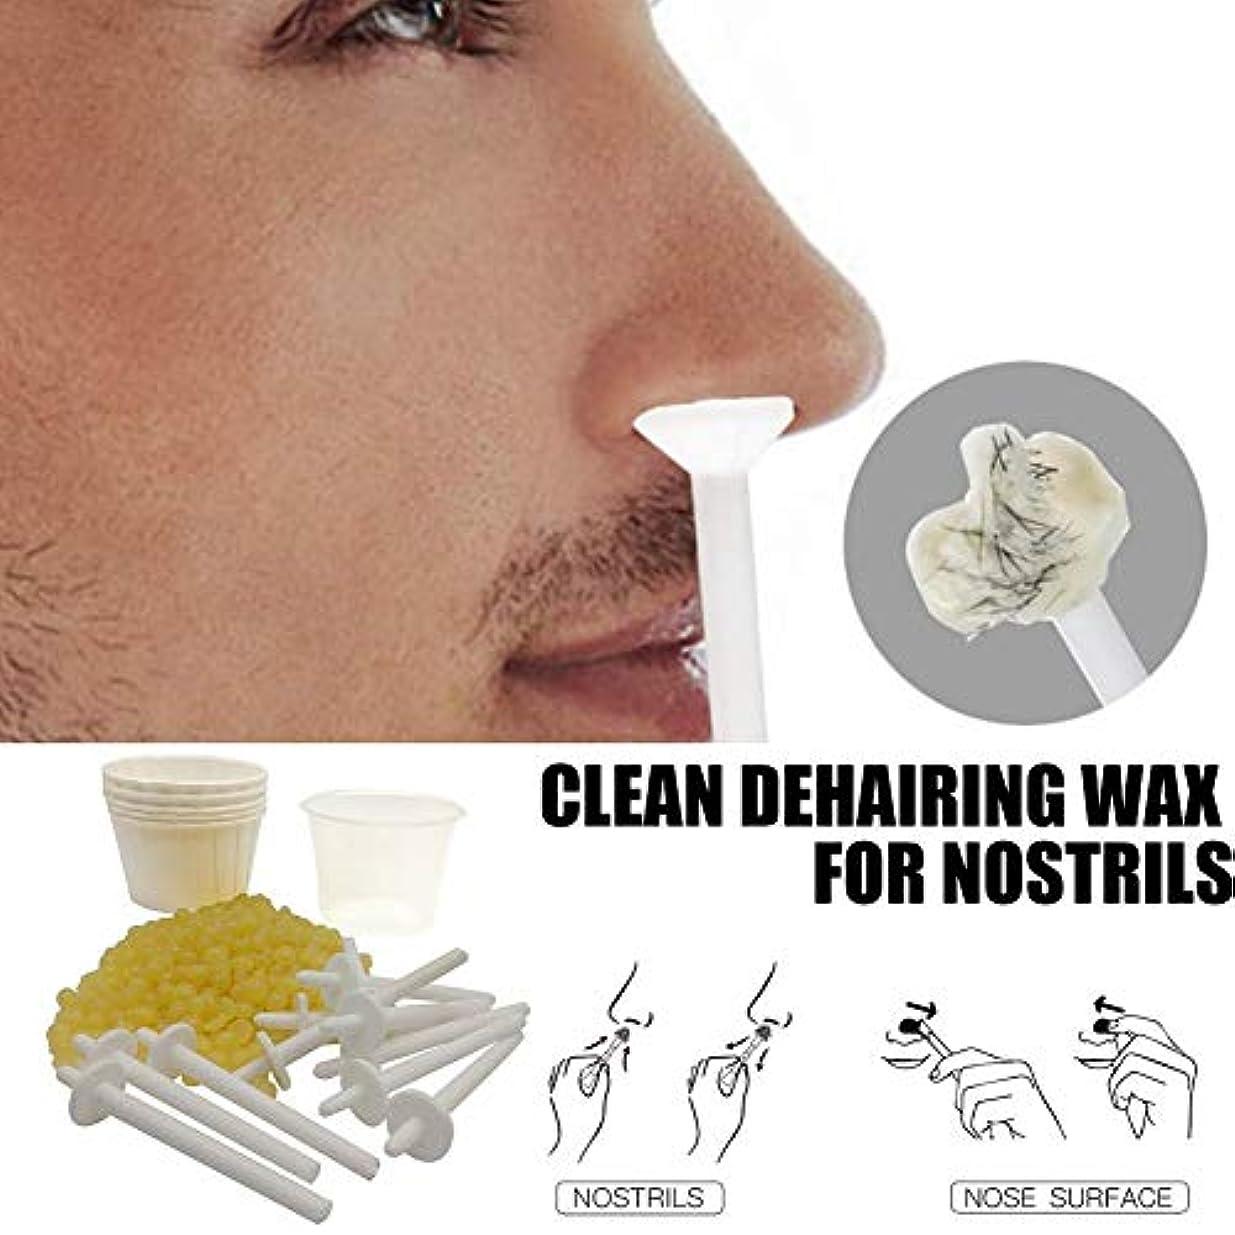 キャリアゴミ箱を空にする受け皿SILUN 鼻毛除去ワックスキット 鼻毛除去化粧道具 ノーズワックスポッド ポータブル道具 迅速かつ無痛 (50グラム/ 10回使用回数)